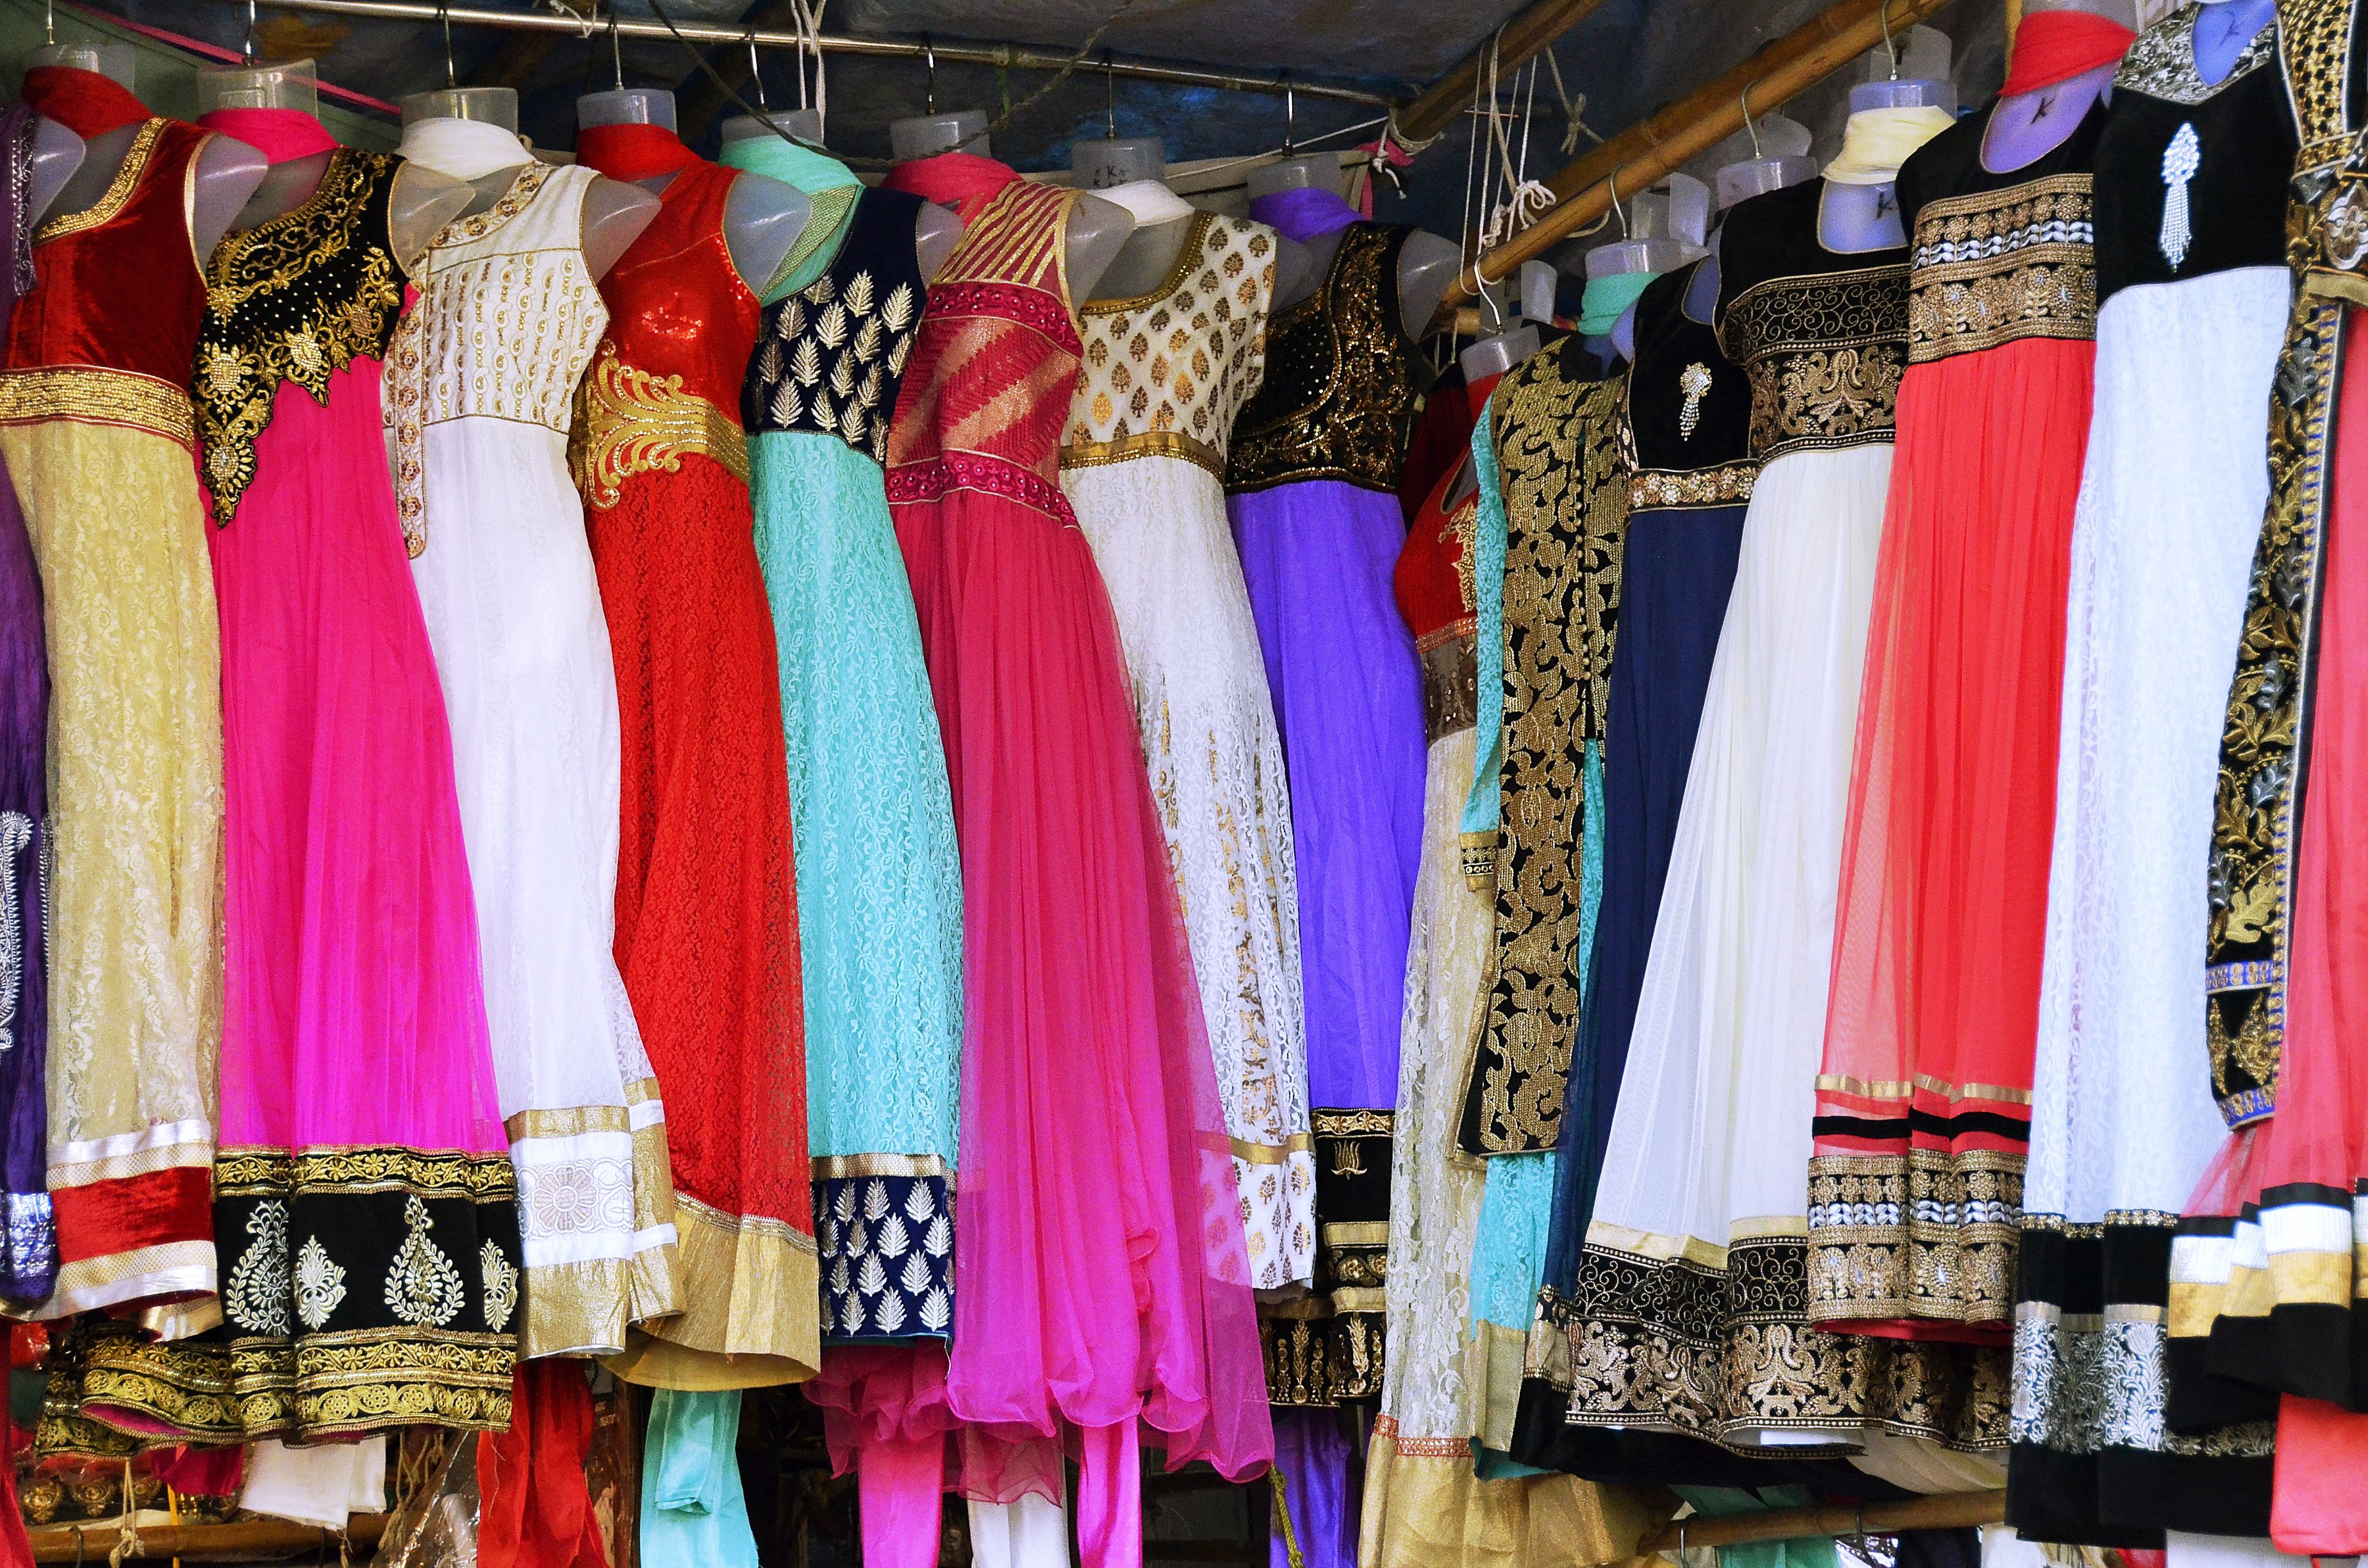 Vestidos indios en Linking Road, Bandra